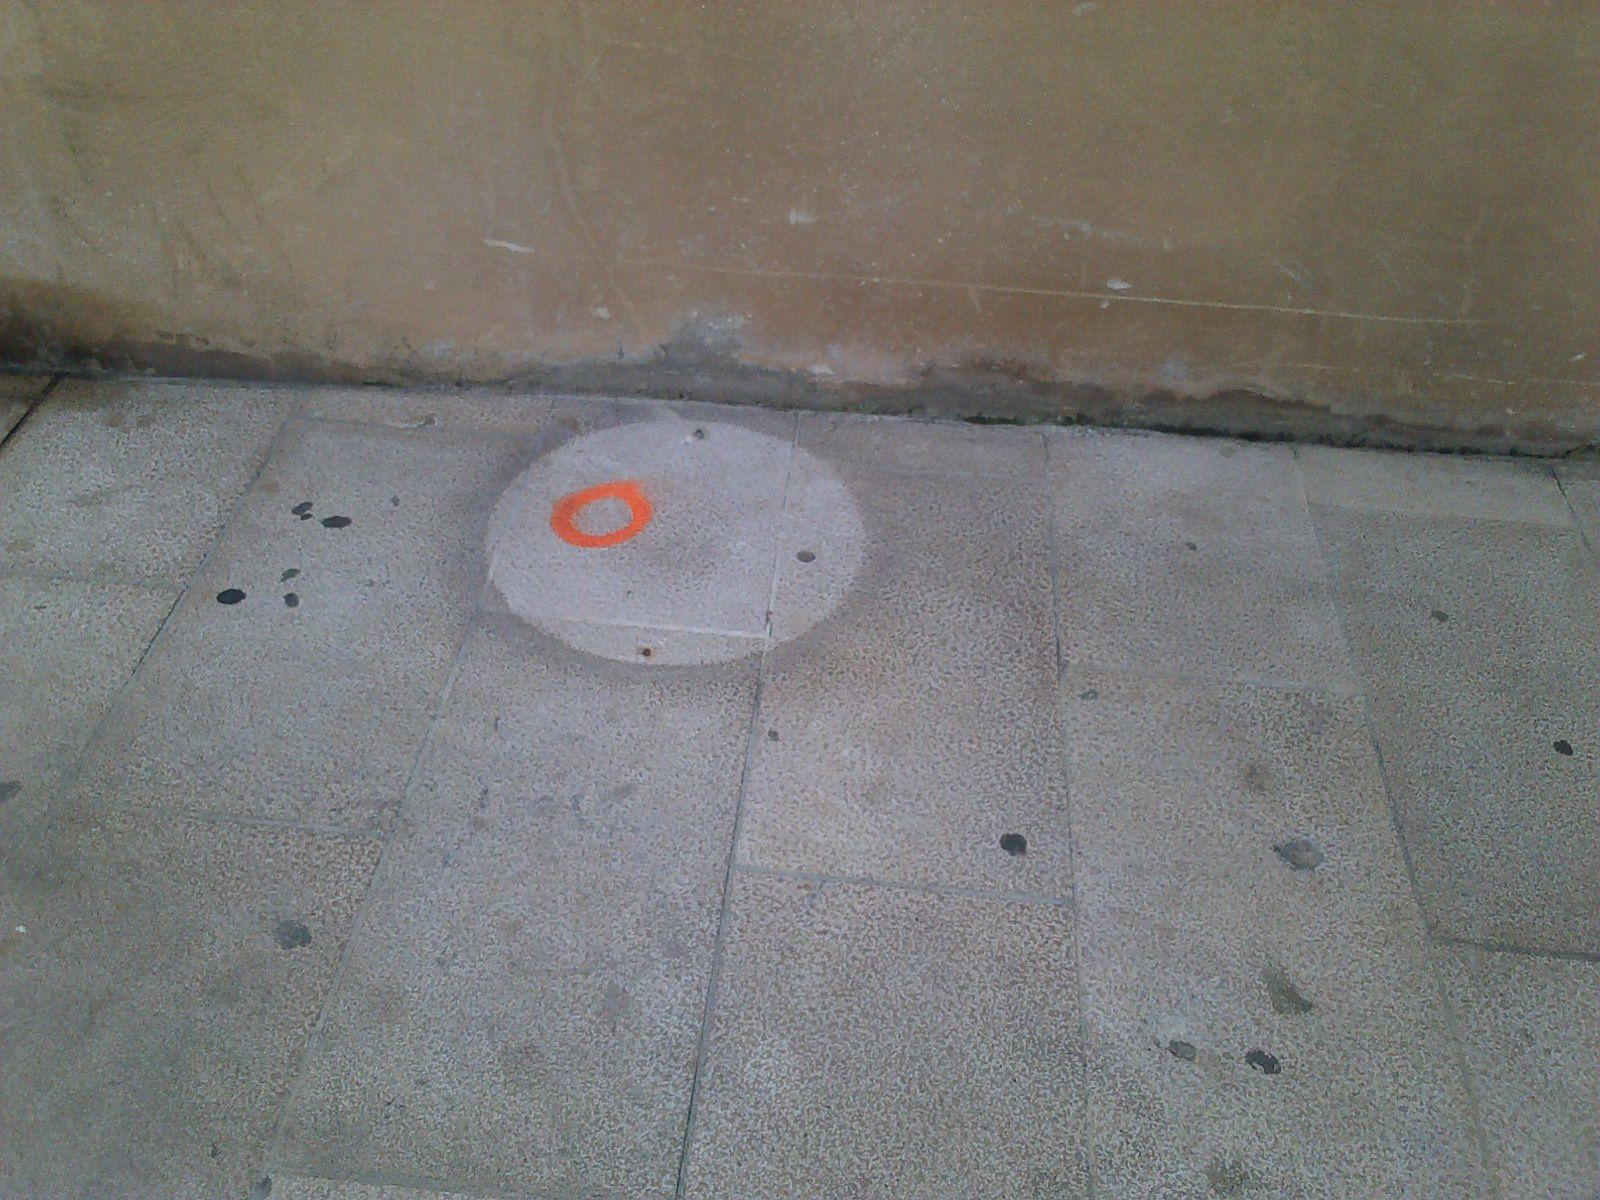 Des mini-ovnis sur les trottoirs à Orange?